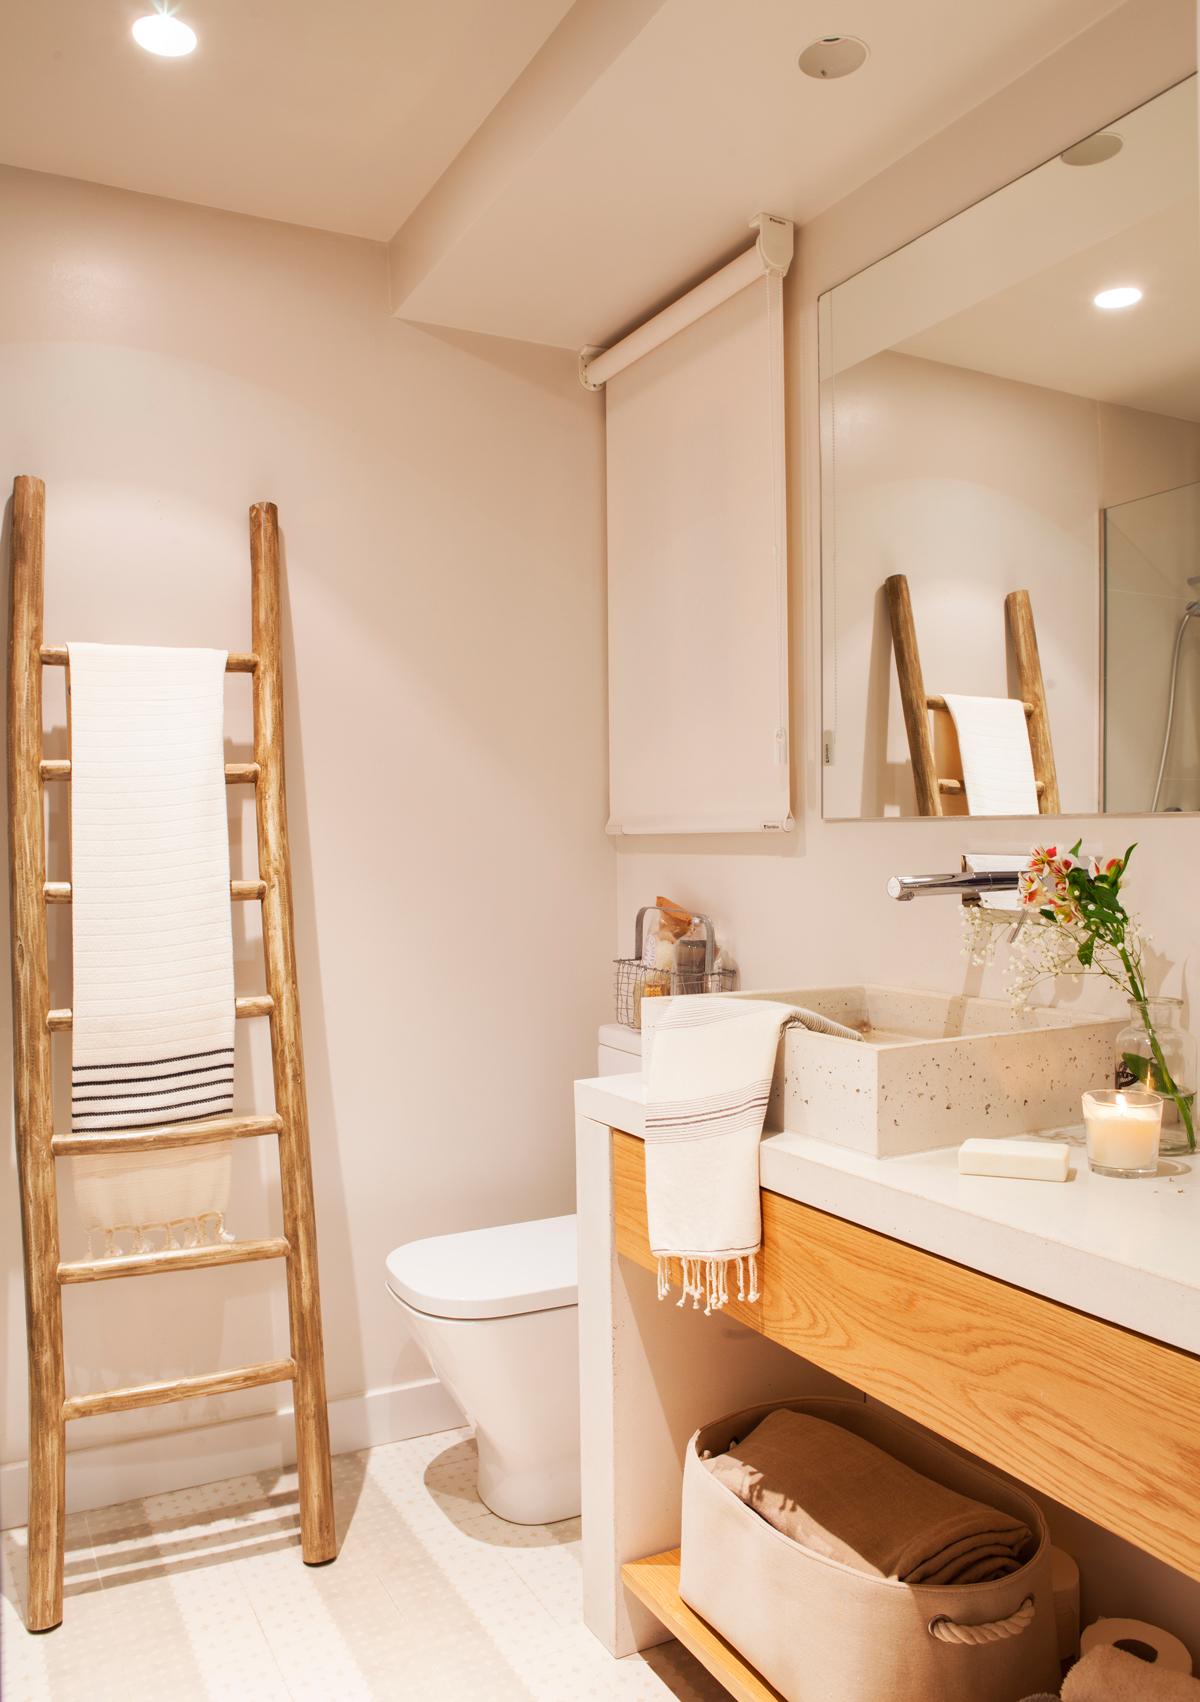 Muebles De Bano Para Debajo Del Lavabo #5: Bano-con-mueble-bajolavabo-en-madera-con-balda-abierta-murete-sanitario-escalera-y-screen-00442305-o_a422224c.jpg